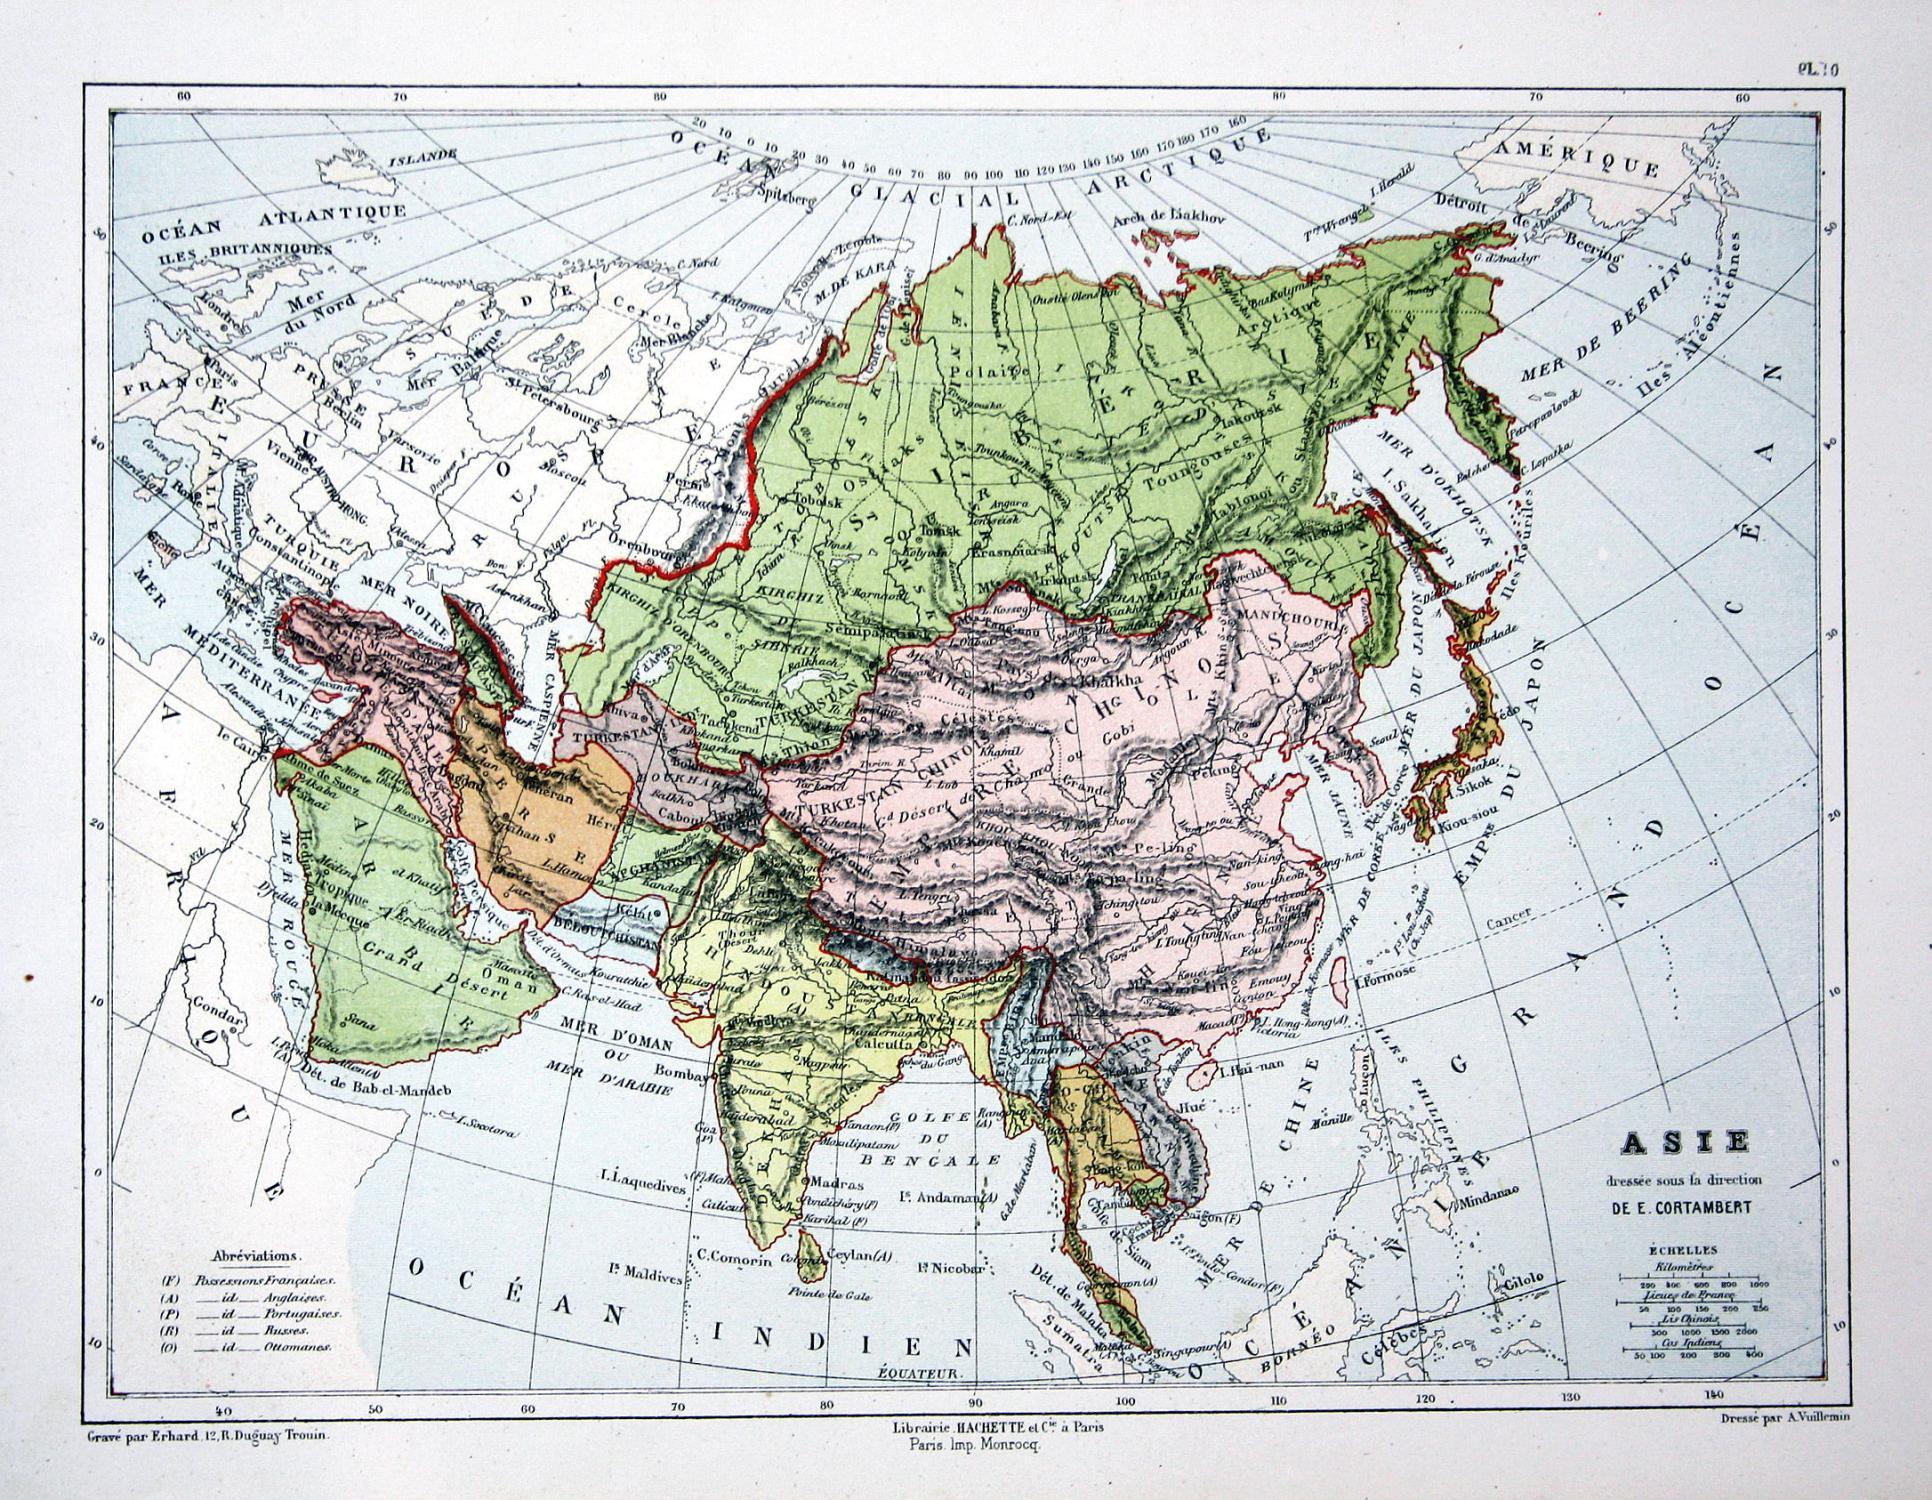 Asie Asia Asien Arabia Arabien India Indien China Weltkarte